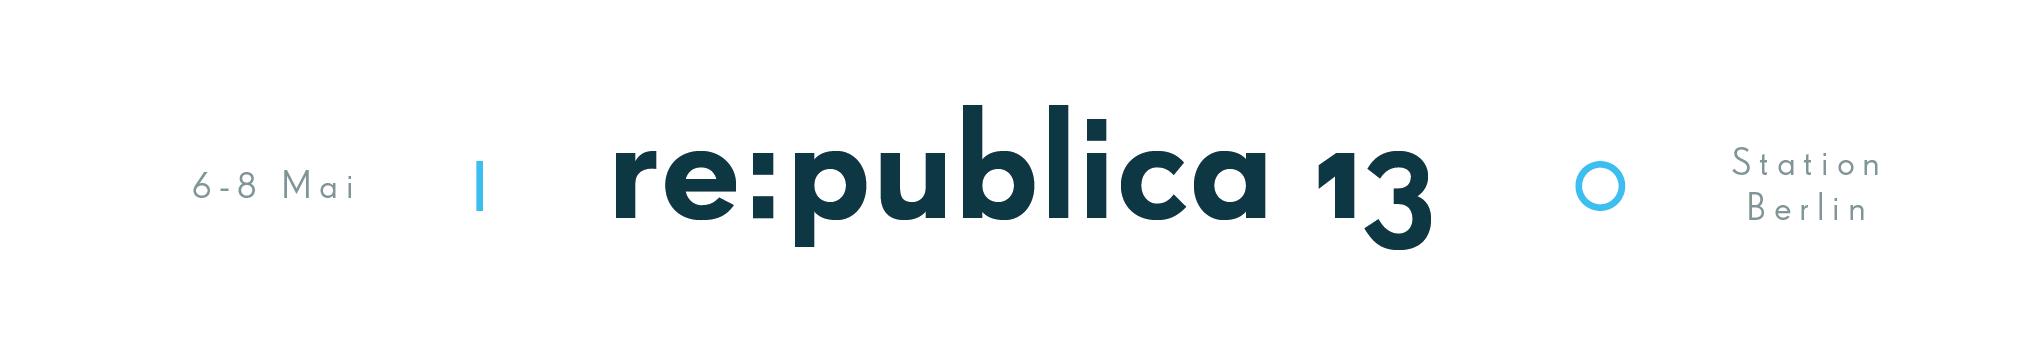 re:publica Logo 2013